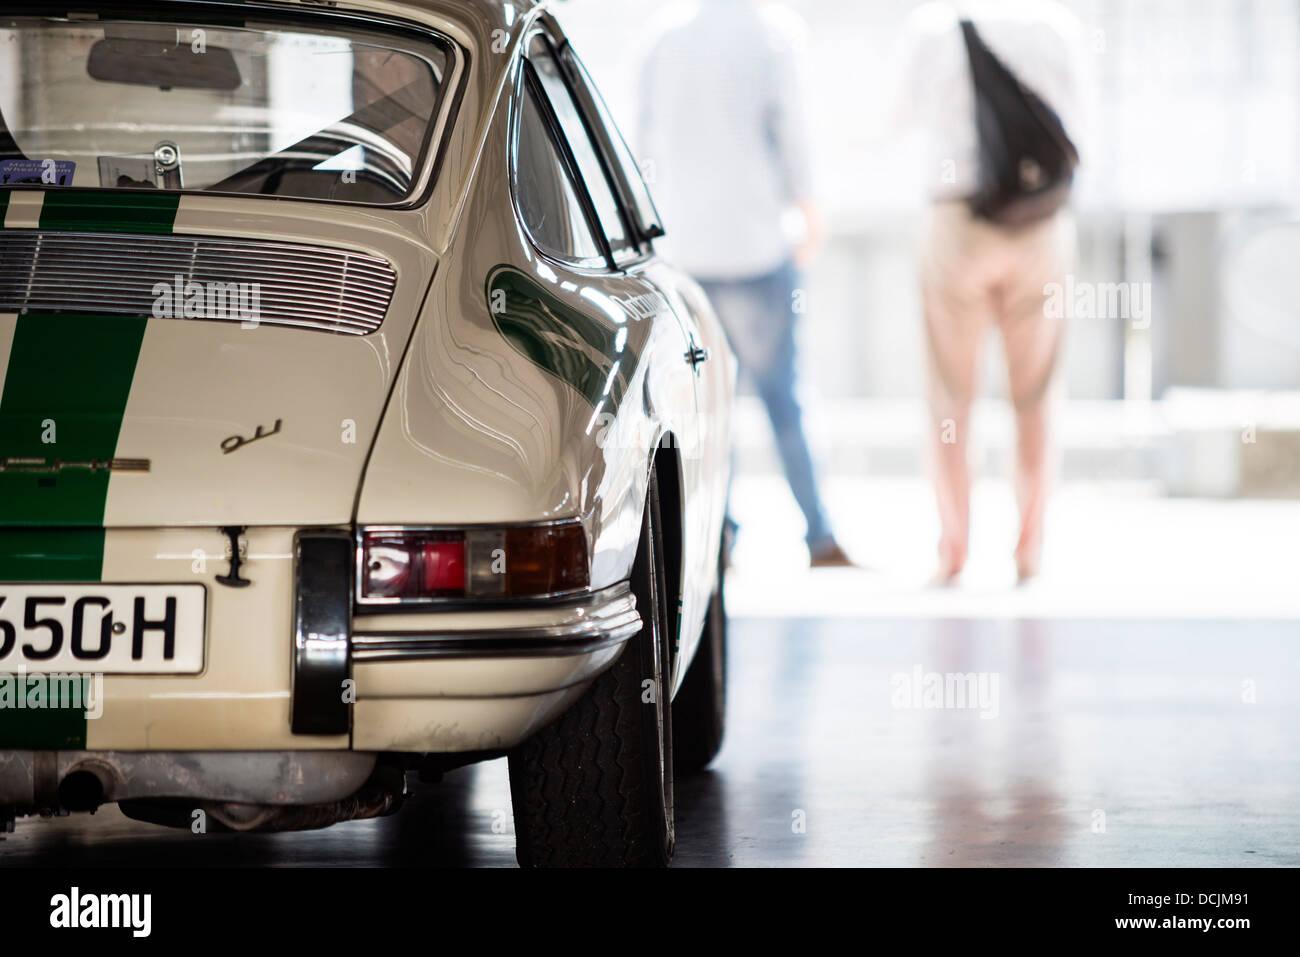 Porsche 911 in Garage - Stock Image